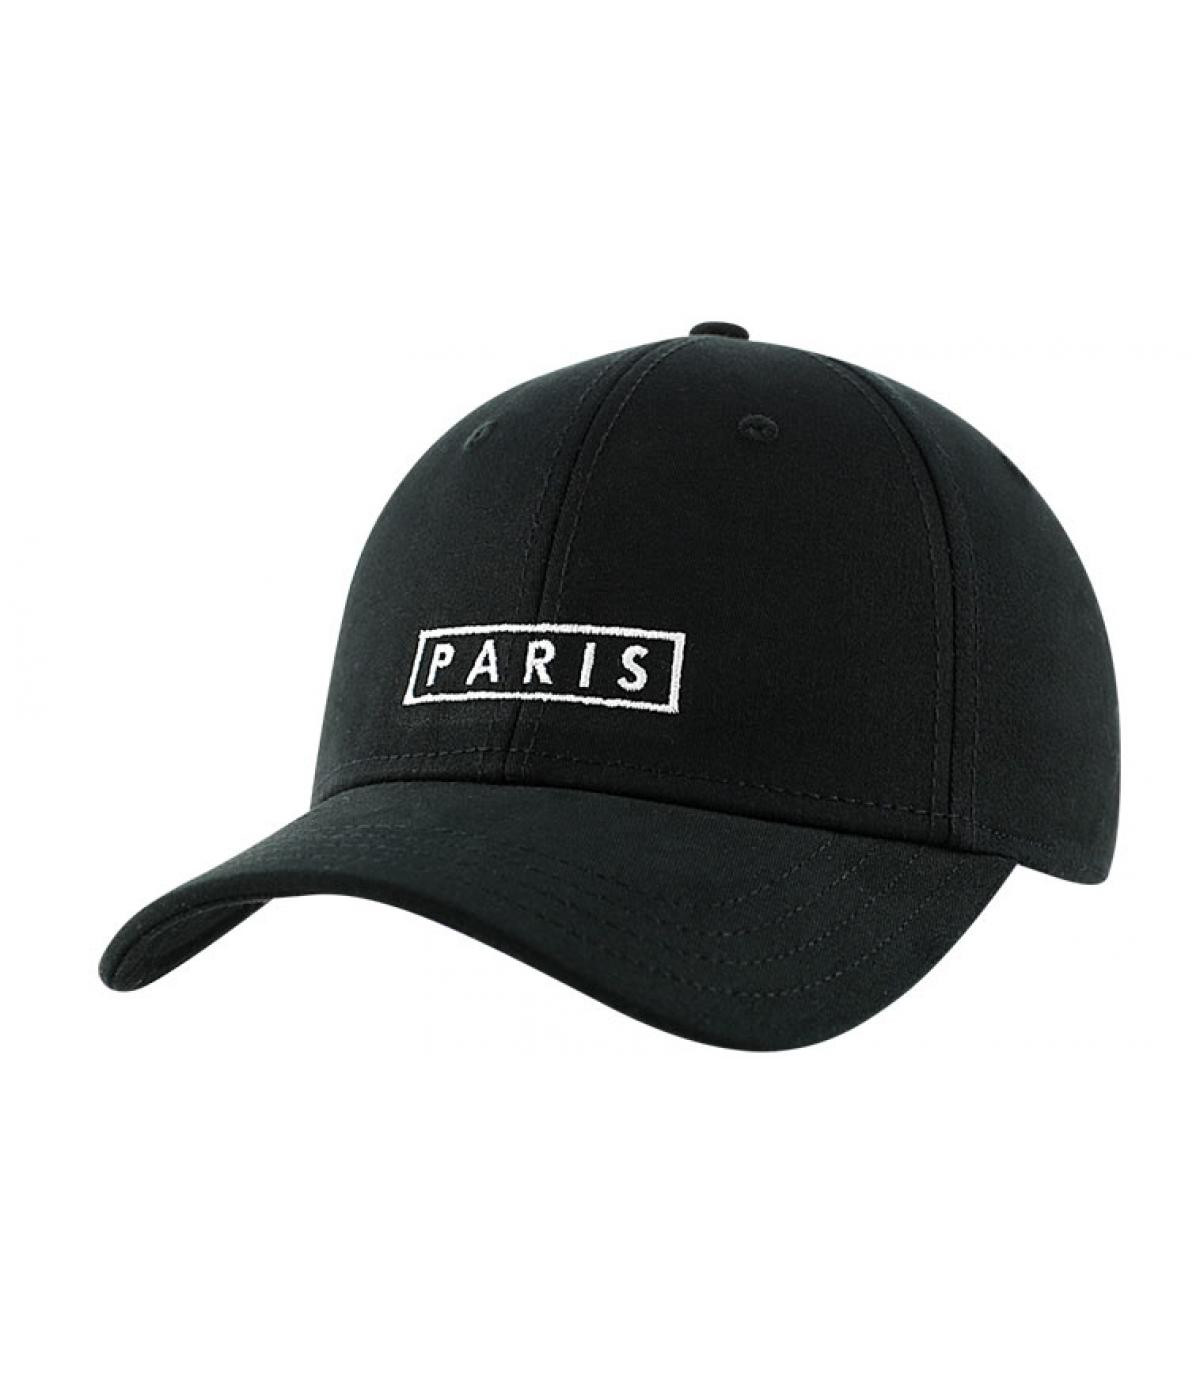 Casquette Paris noire